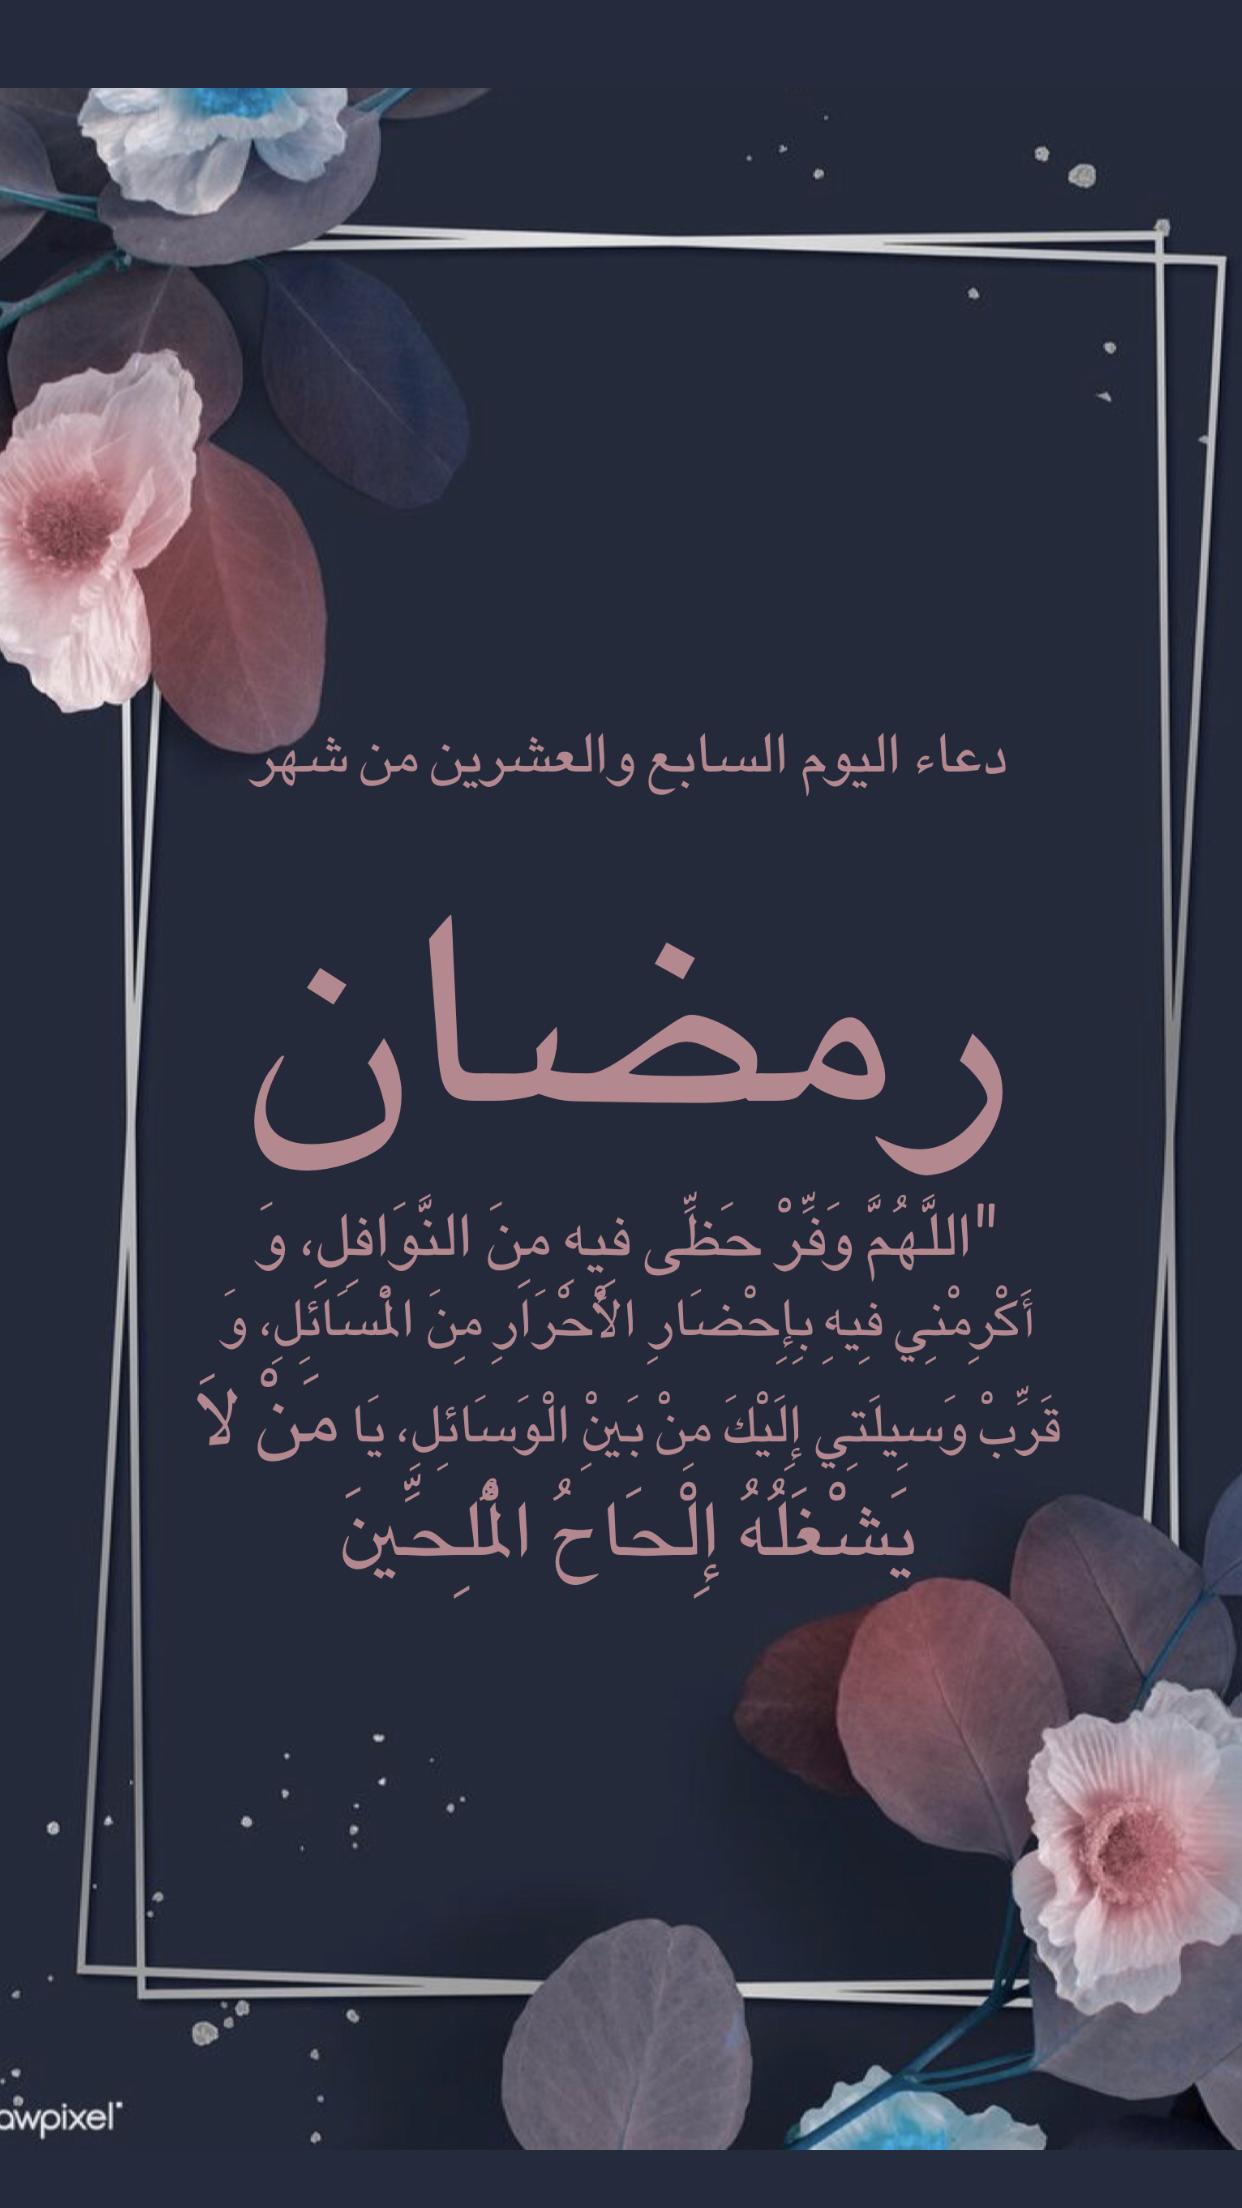 دعاء اليوم السابع والعشرين من شهر رمضان In 2021 Ramadan Messages Ramadan Quotes Islamic Quotes Wallpaper